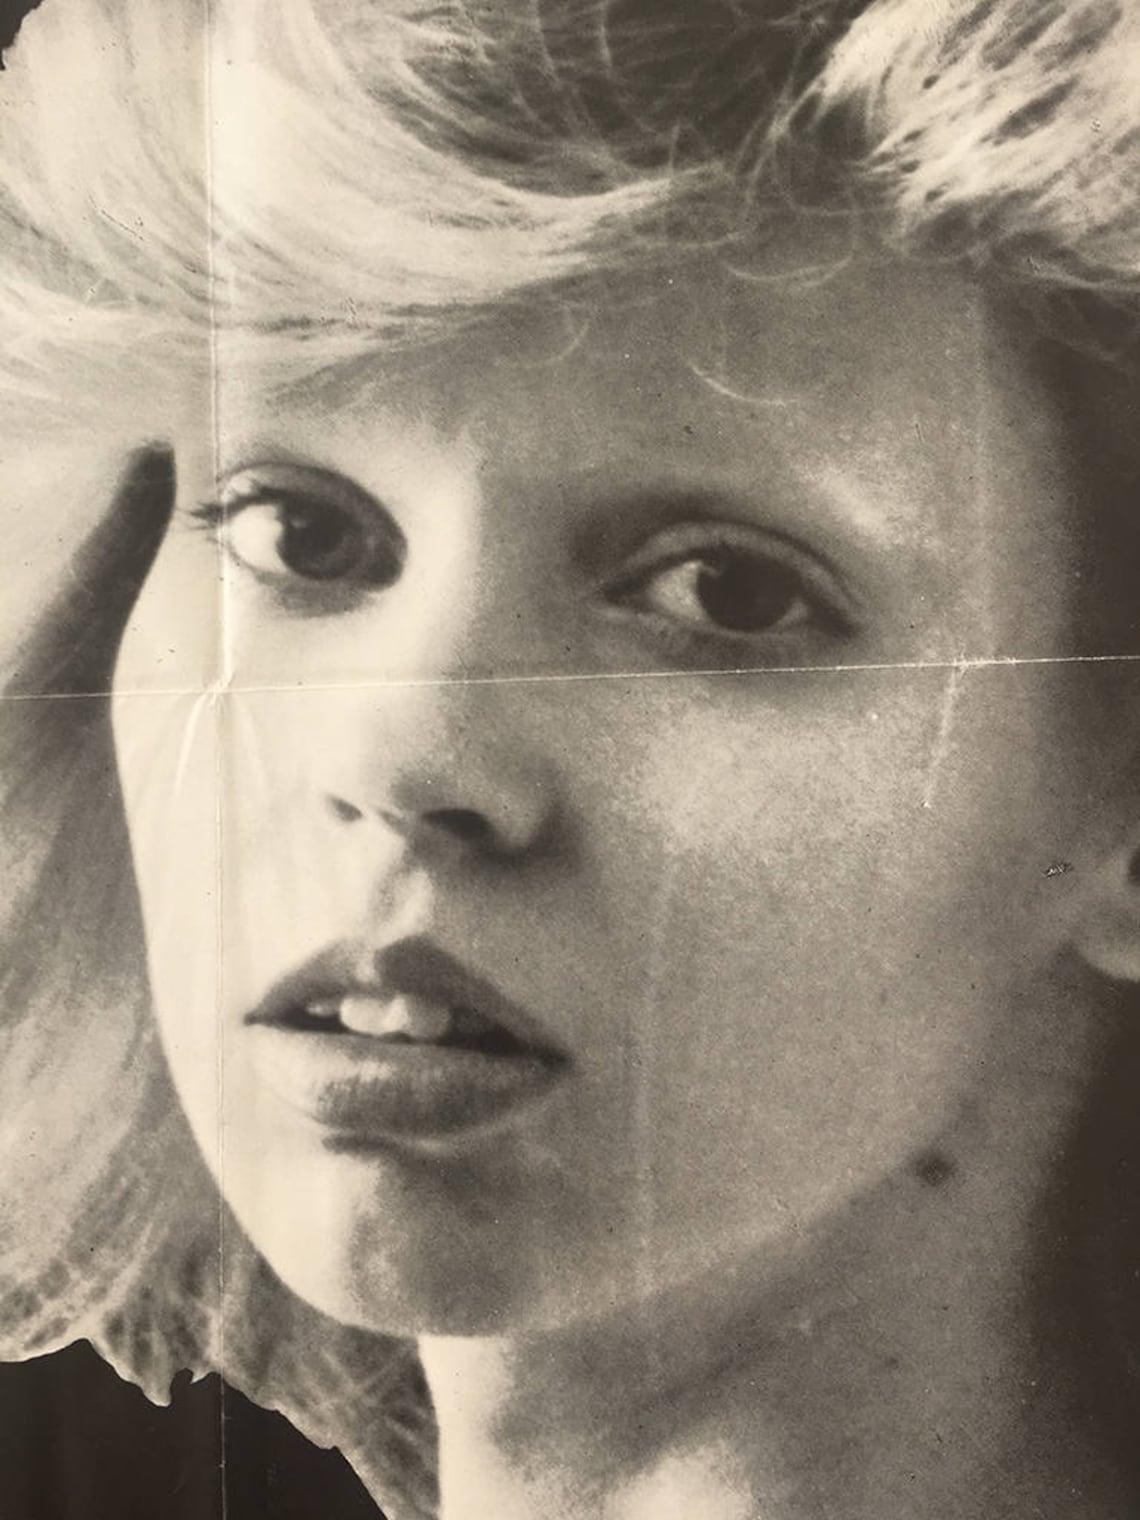 Laurette Taylor images